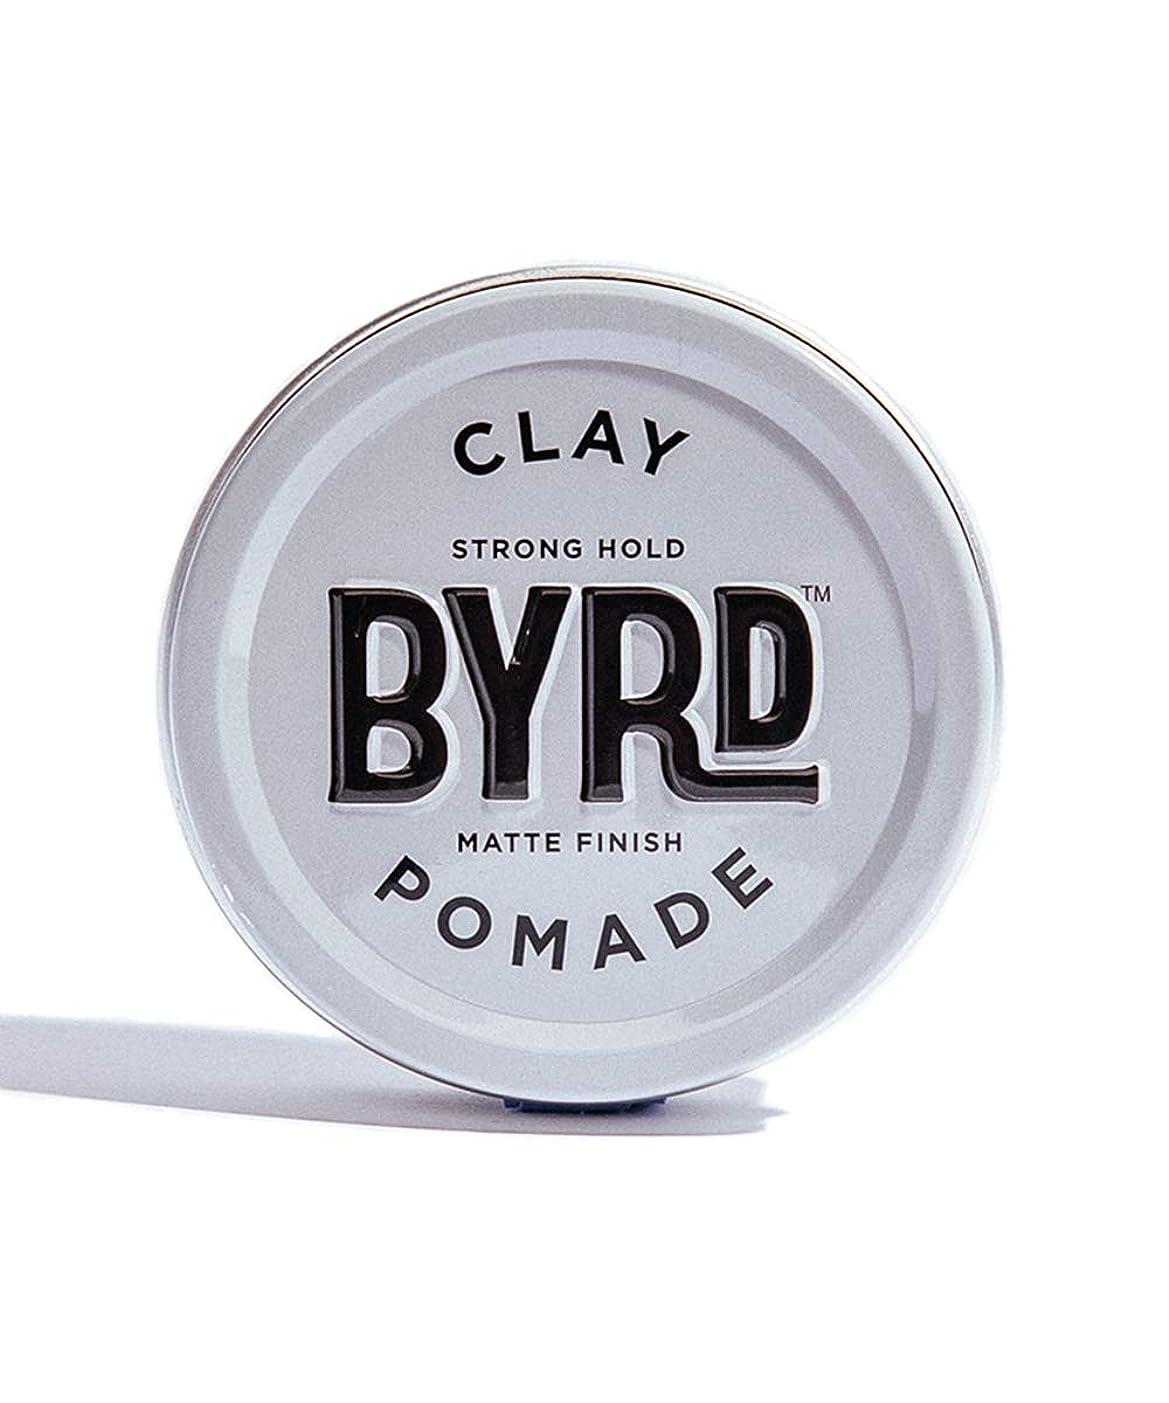 考案する充電委員長BYRD/クレイポマード 95g メンズコスメ ワックス ヘアスタイリング かっこいい モテ髪